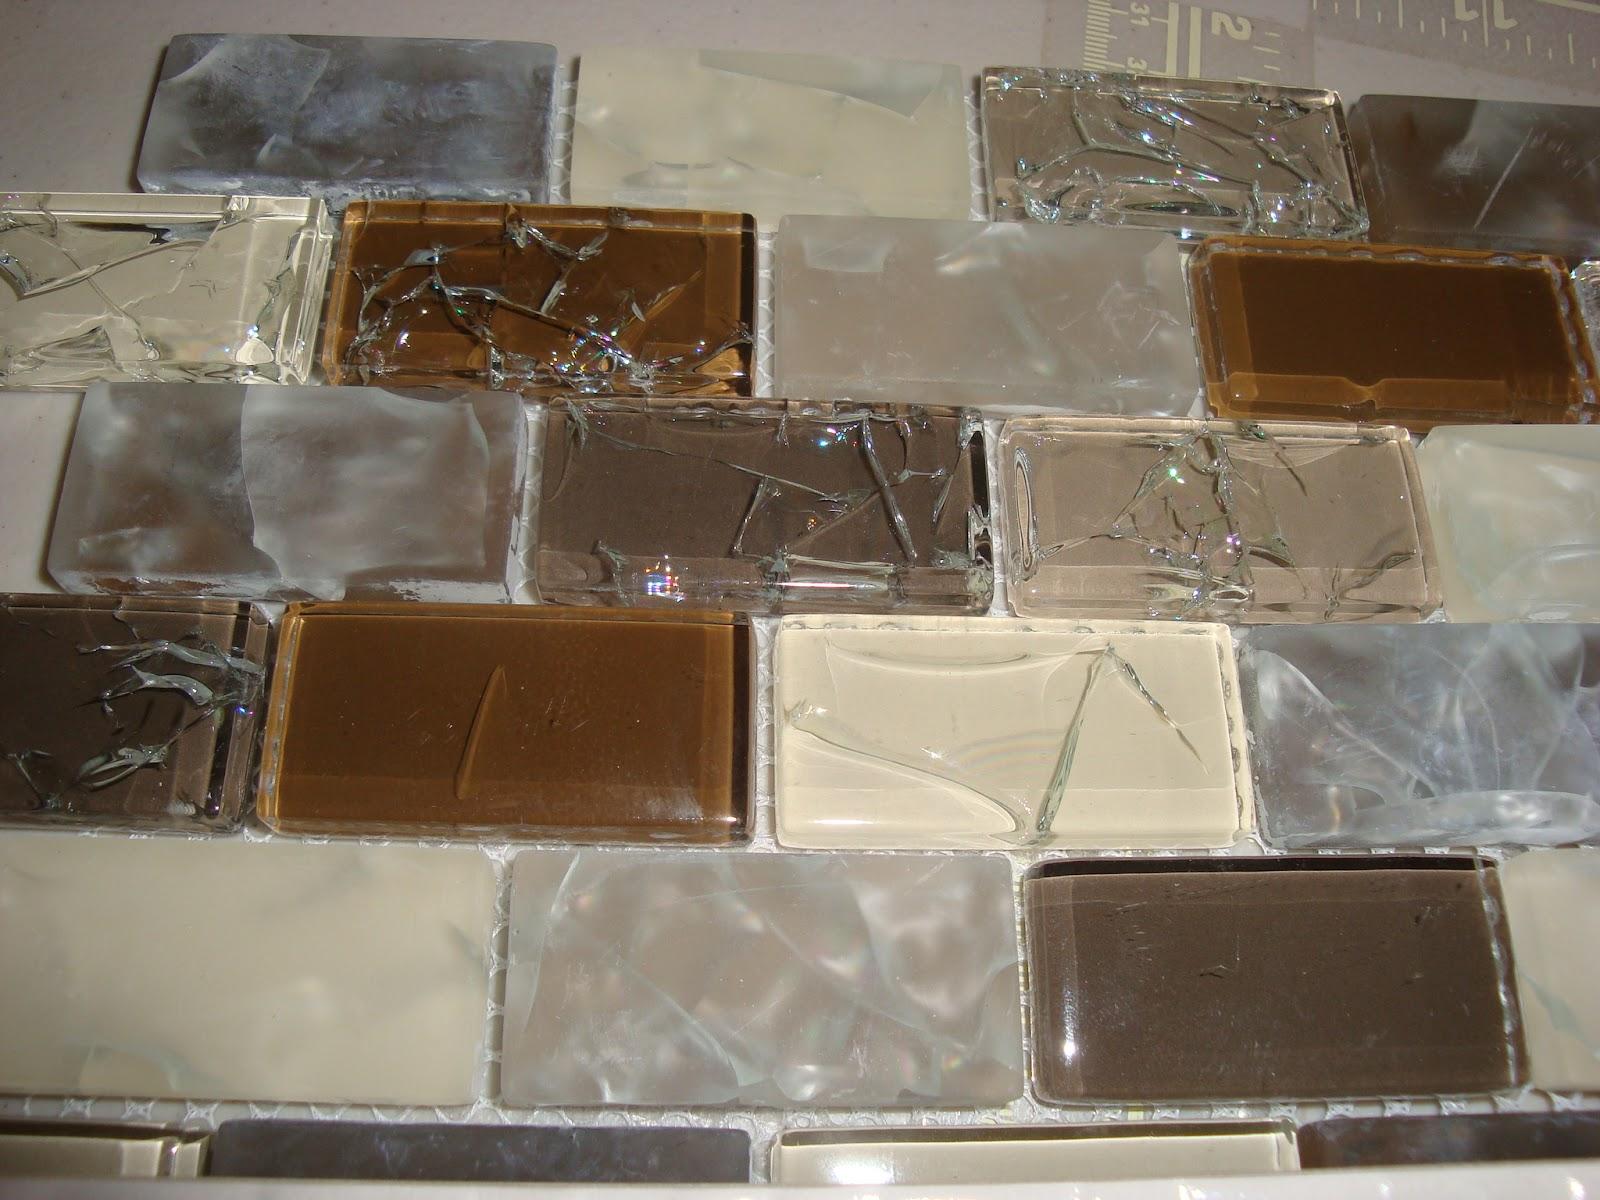 http://2.bp.blogspot.com/-JIepoMX42io/T0T7lV2PMlI/AAAAAAAABOQ/yQTjsbybMbY/s1600/Bathroom%2BTile-4.JPG